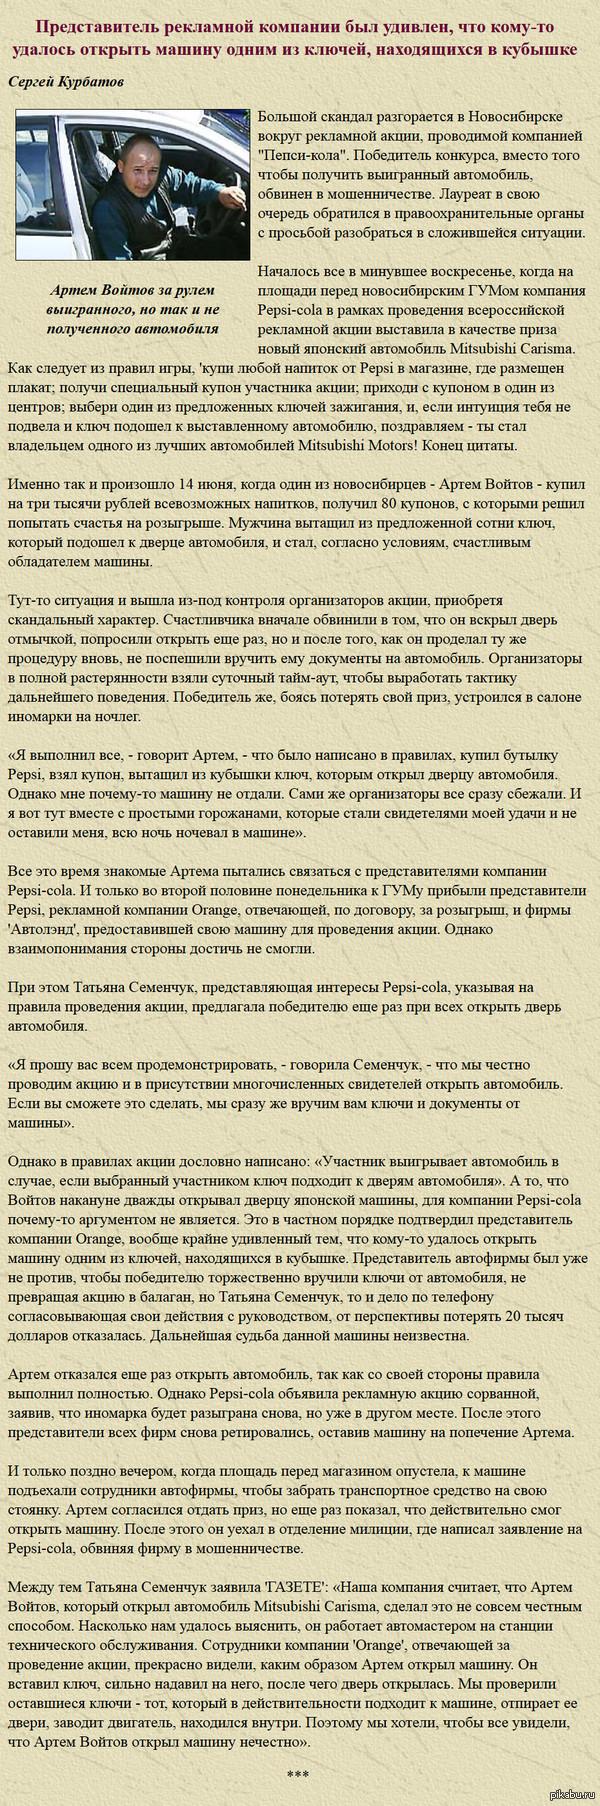 """Поучительная история в ответ на: <a href=""""http://pikabu.ru/story/obman_iz_prostokvashino__ili_prosto_zhmotyi_3384715"""">http://pikabu.ru/story/_3384715</a>  16.07.2002"""